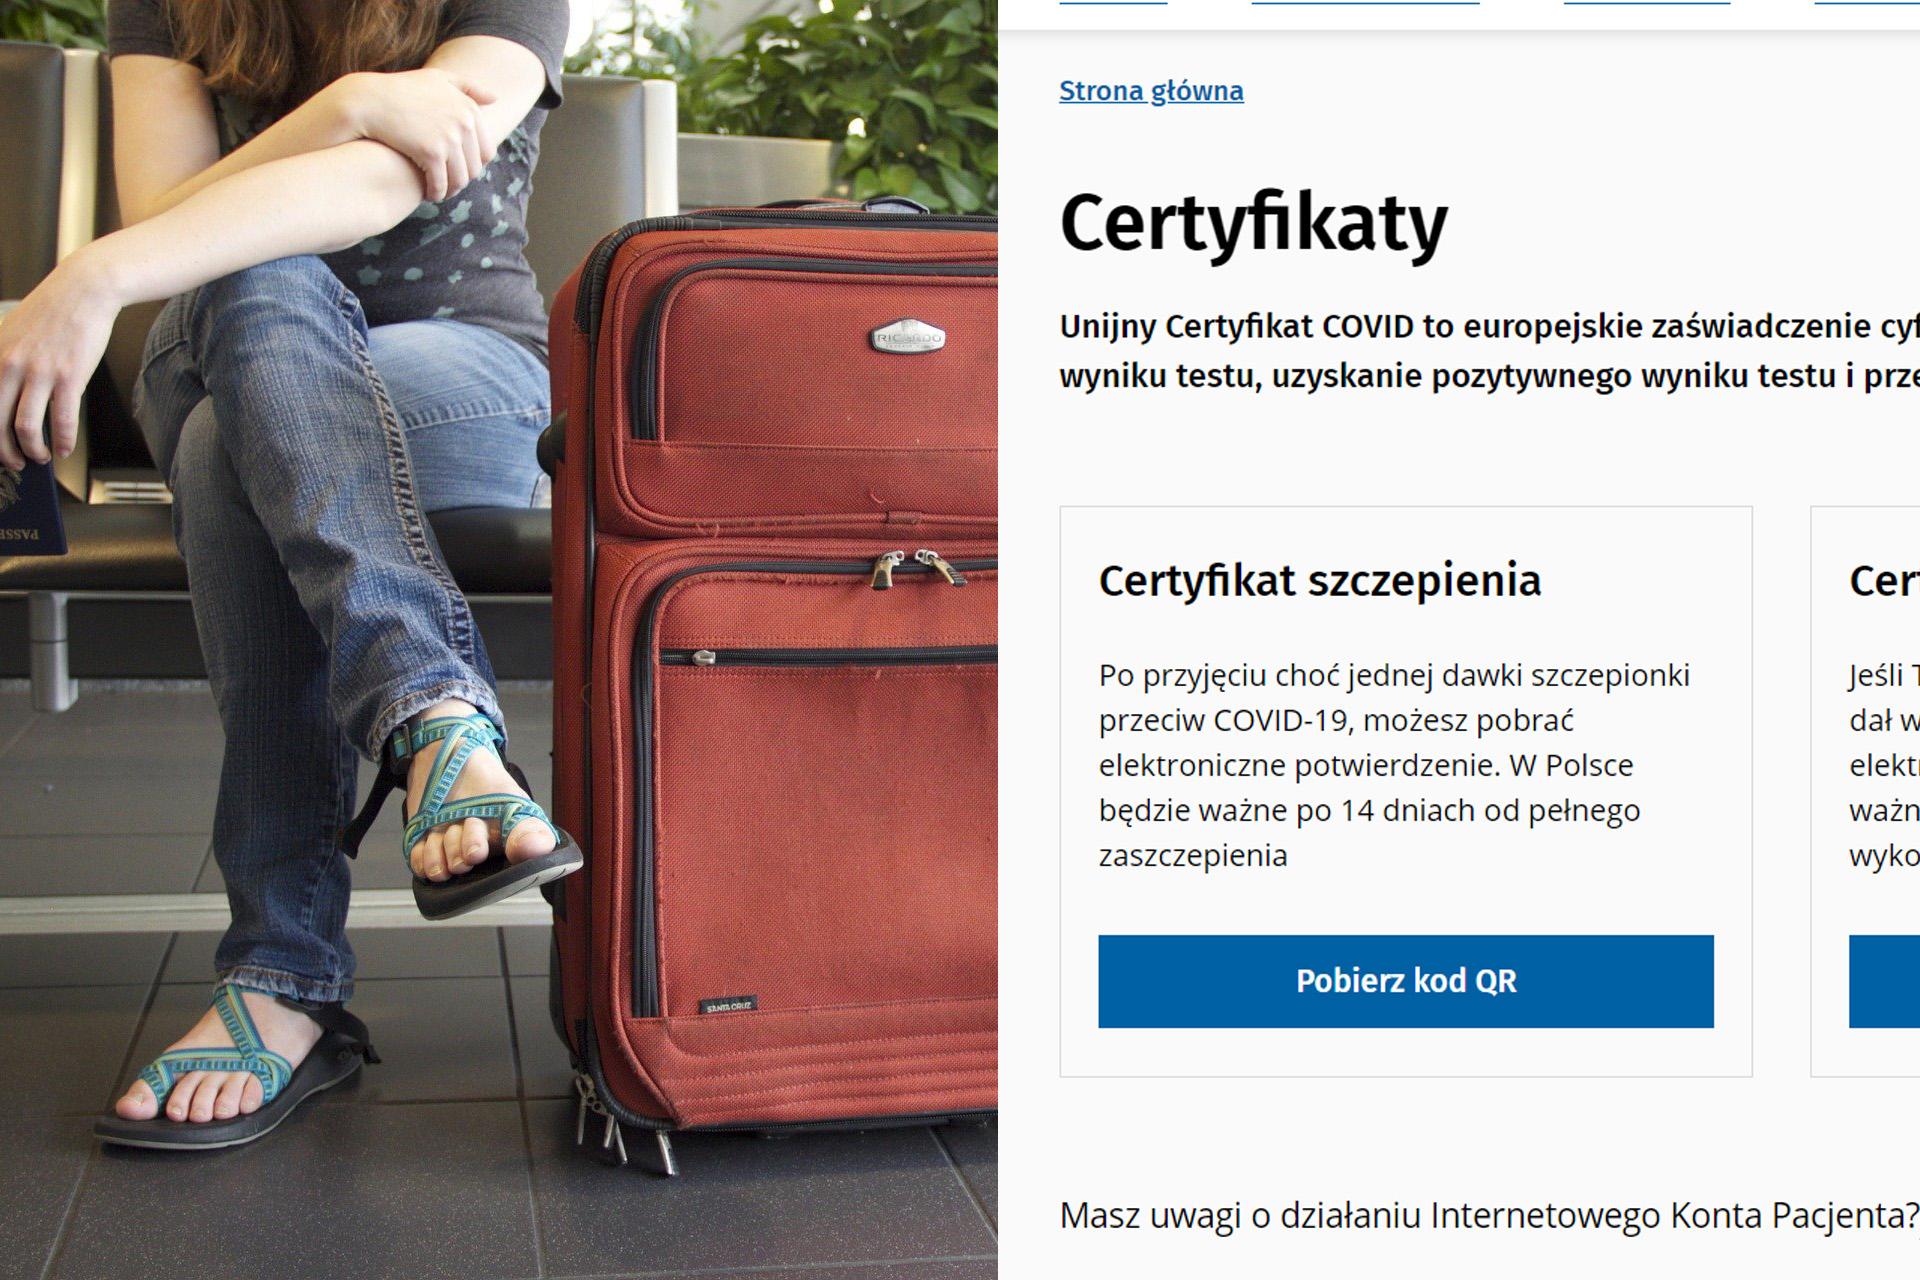 Pixabay/katyveldhorst & (screen) gov.pl